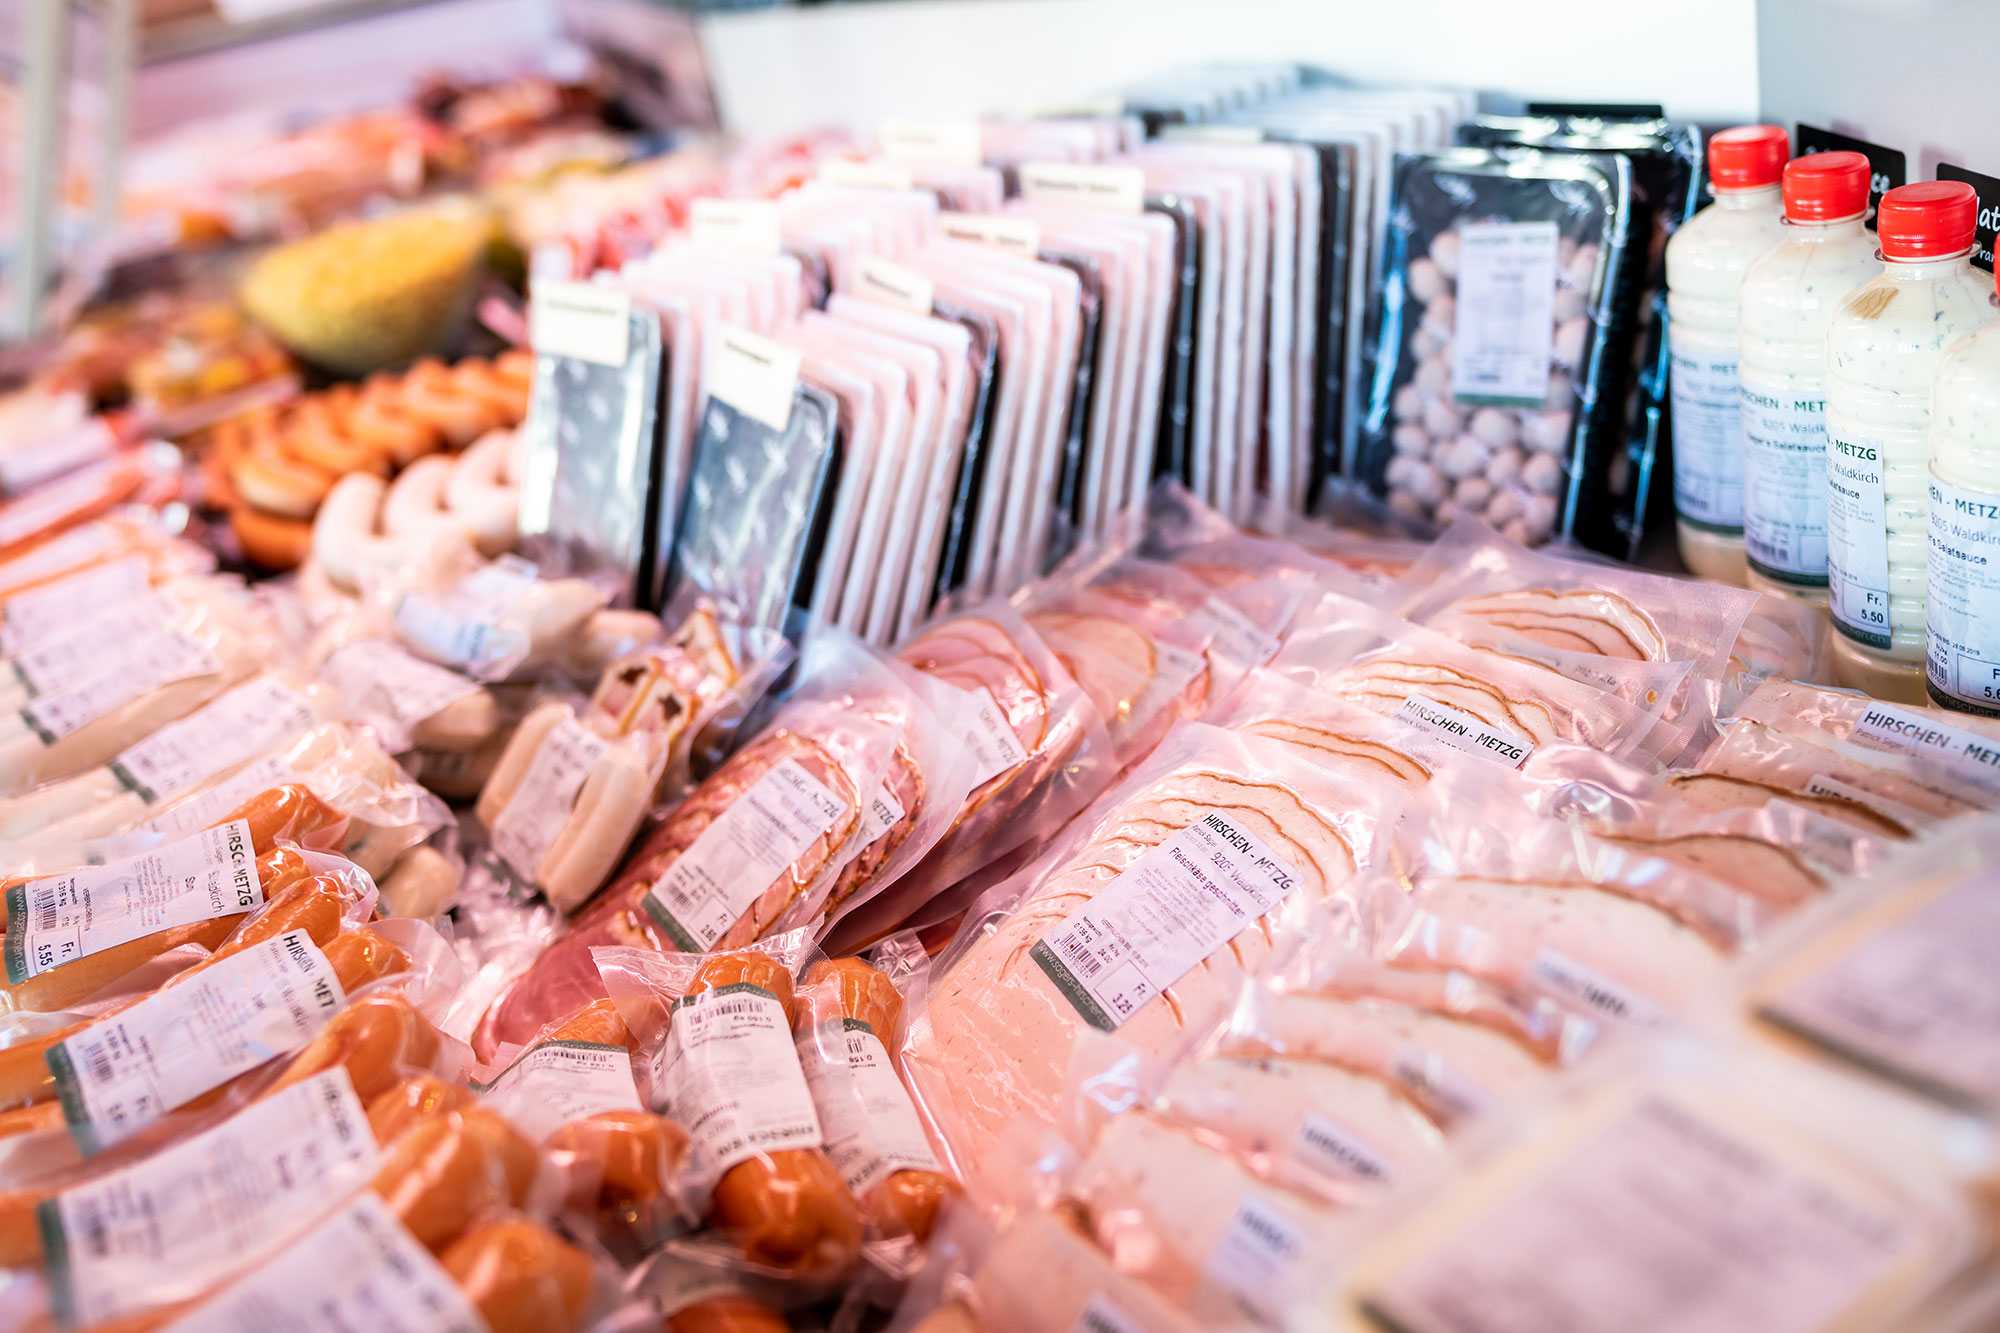 Hirschen Metzg abgepacktes Fleisch im Verkauf